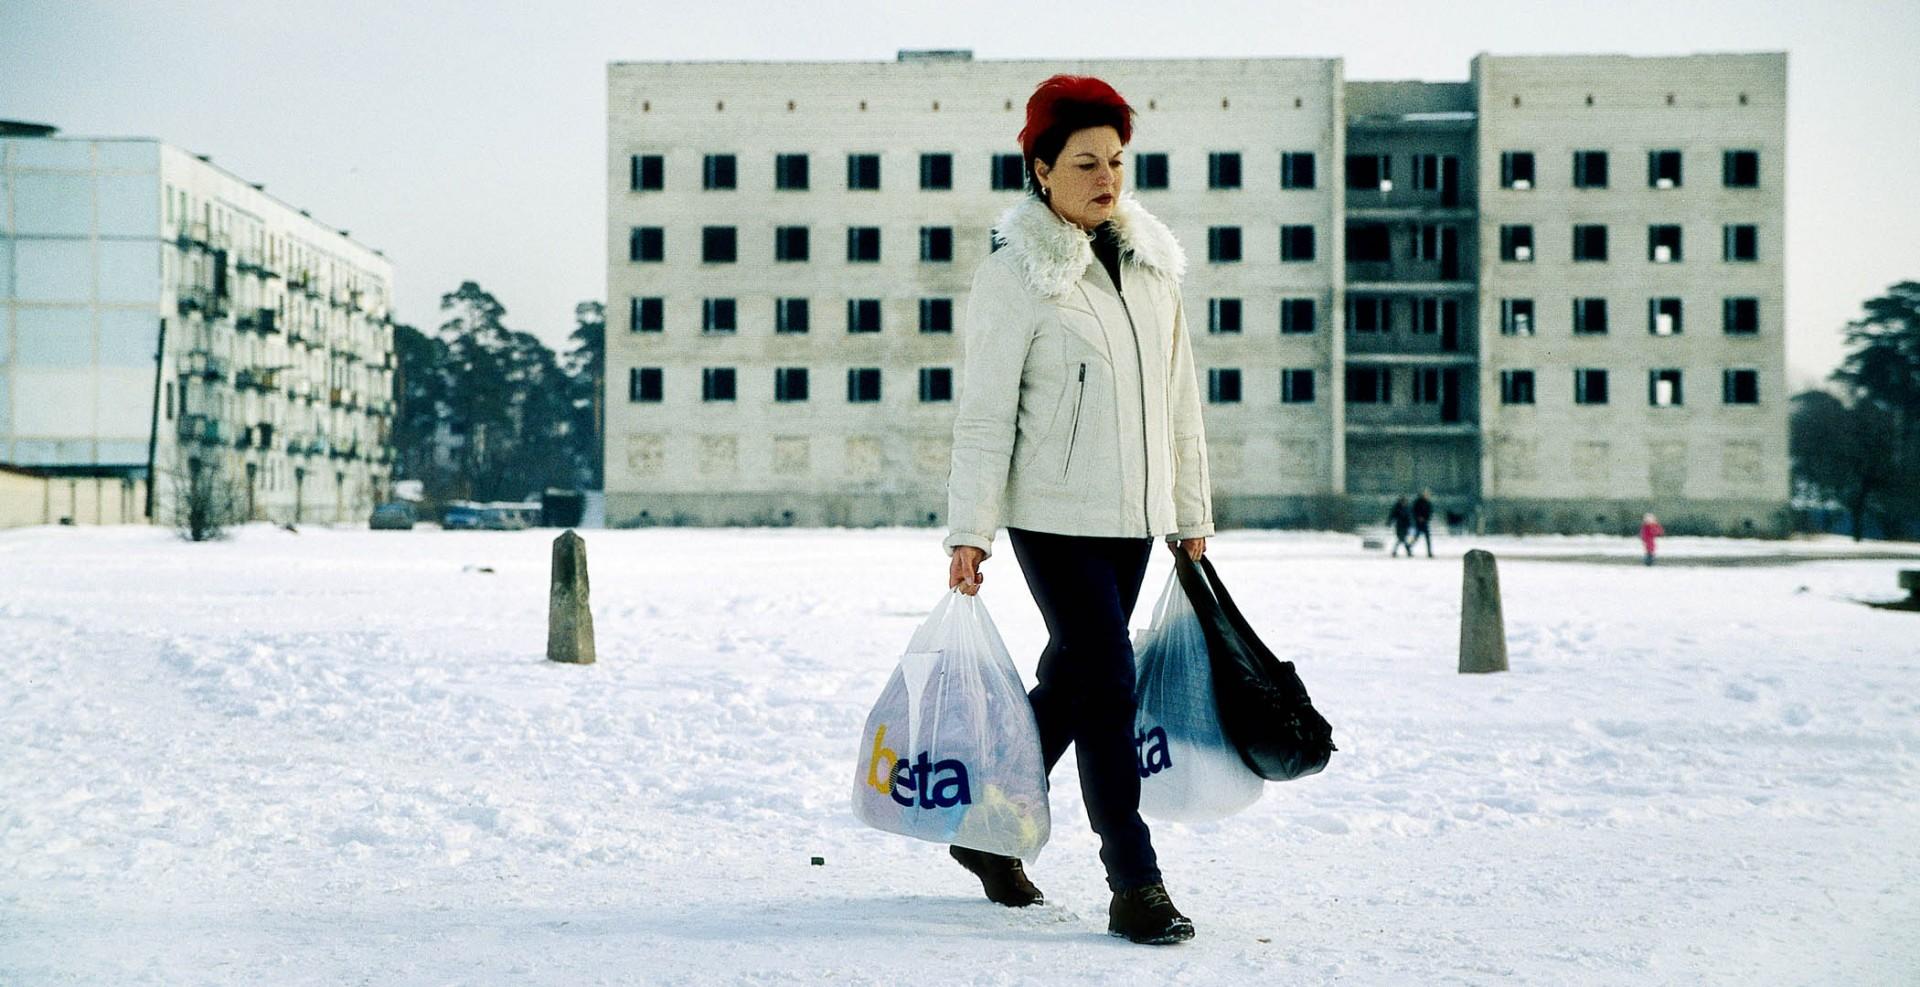 Reportage-Fotograf-in-Paris-Reportage-Fotografie-karosta-russische-militärbasis-im-kalten-krieg-in-lettland